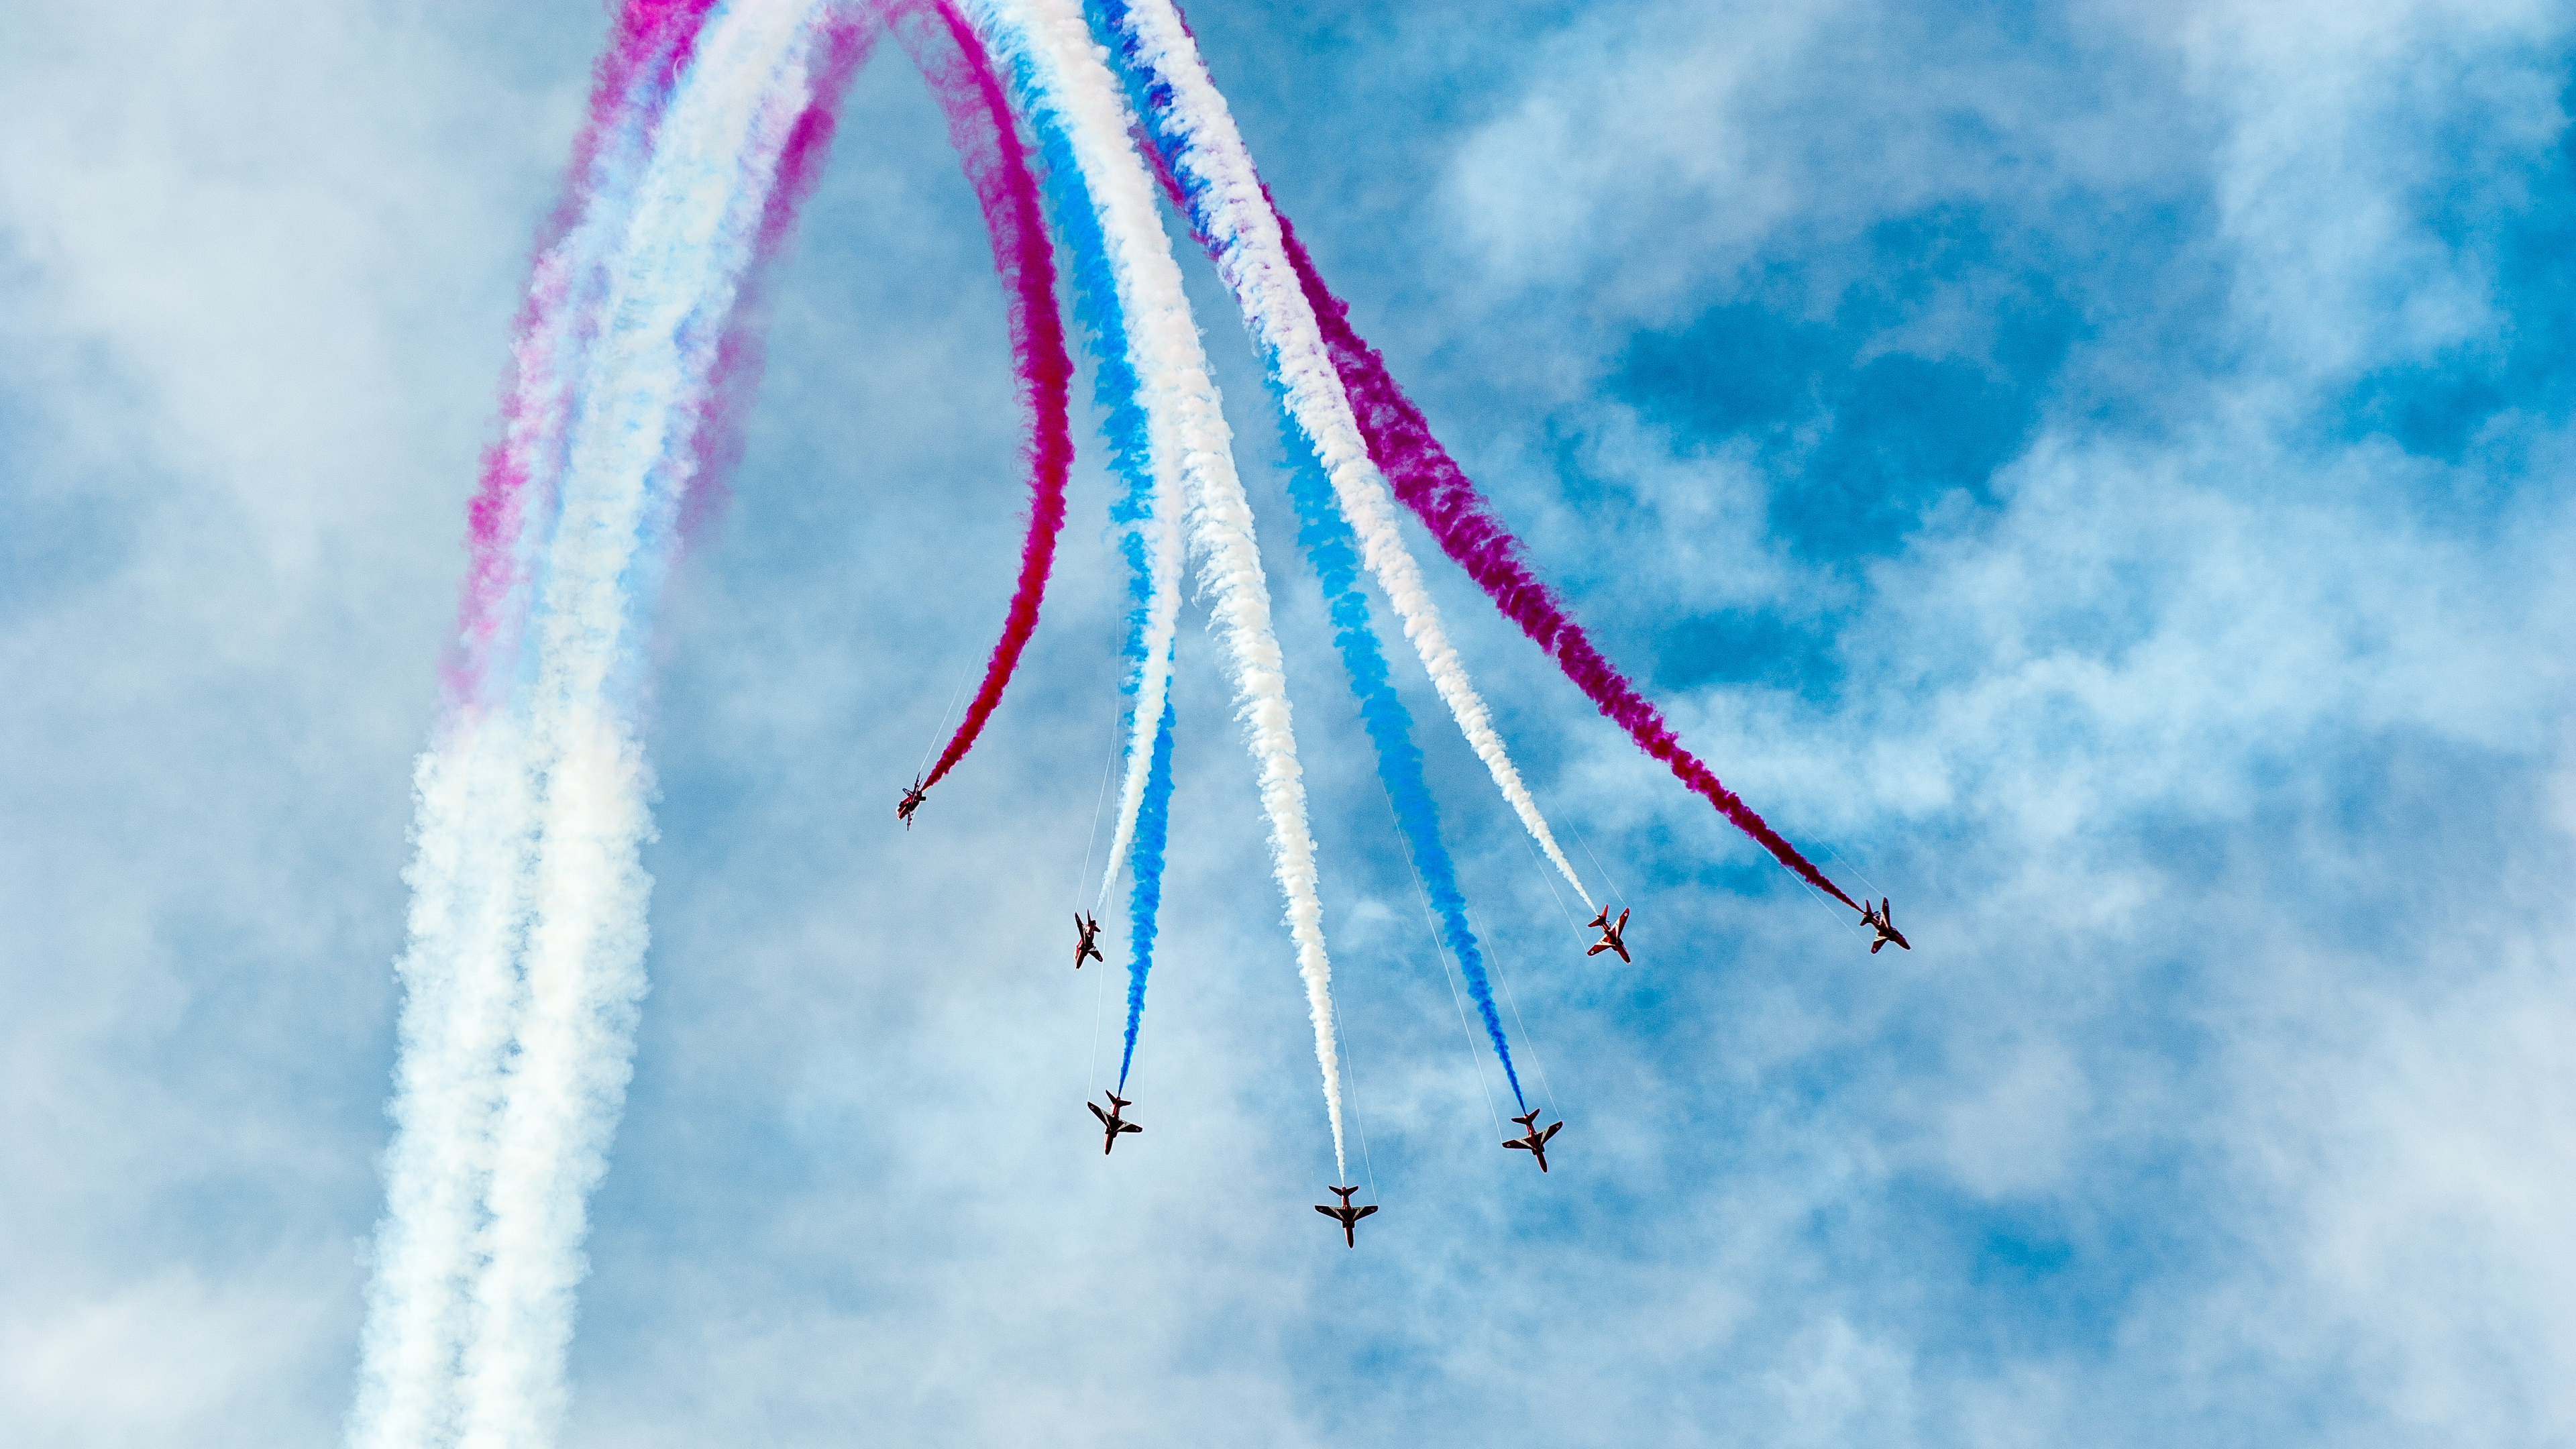 Air Show Aircraft Smoke Airplane 3840x2160